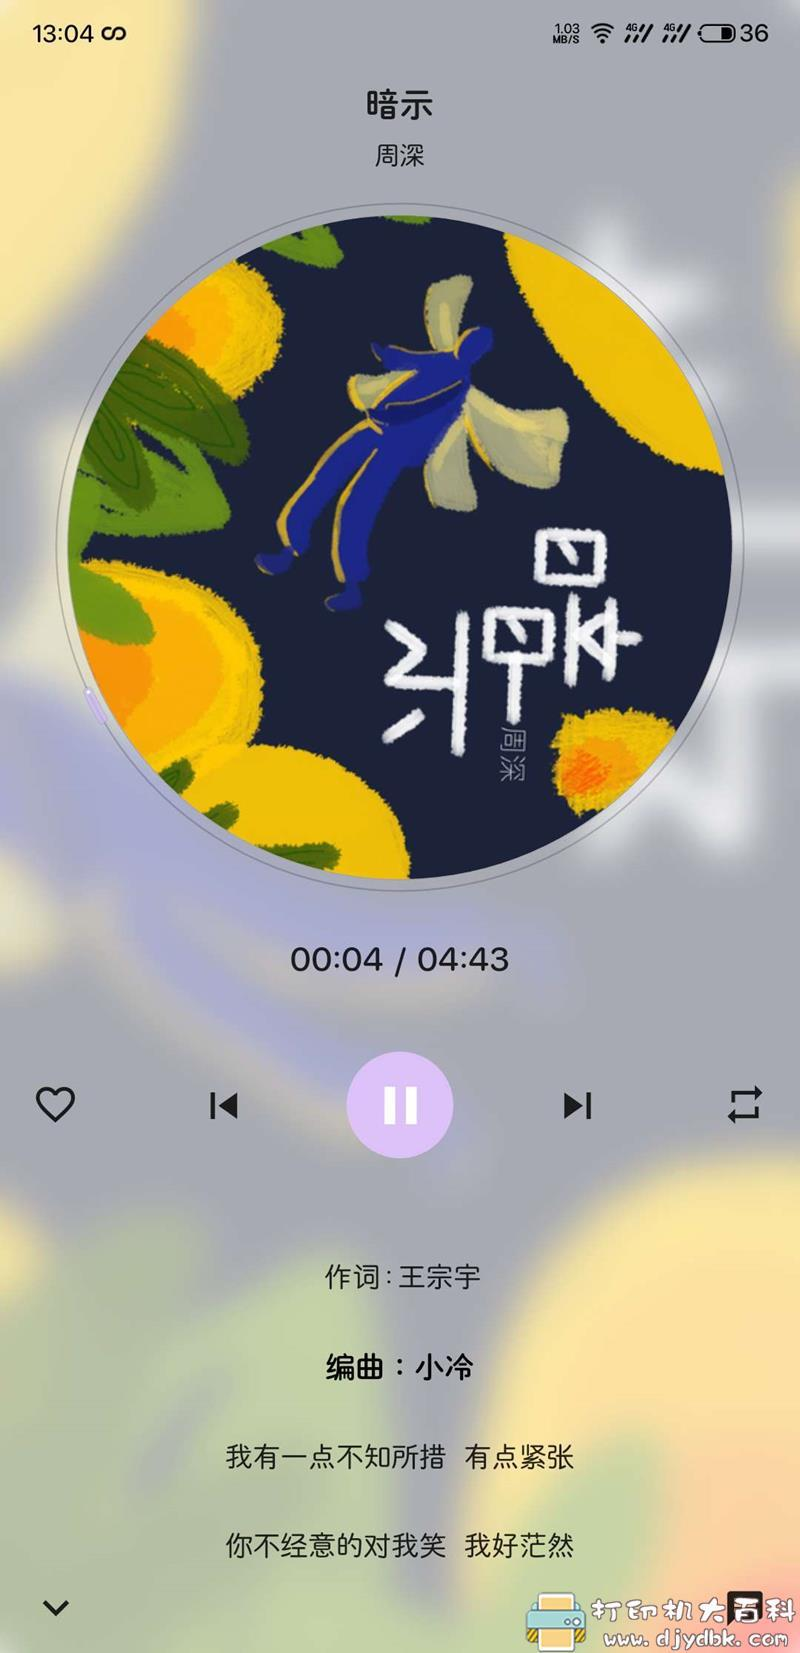 [Android]网易云音乐第三方客户端 不倦图片 No.1